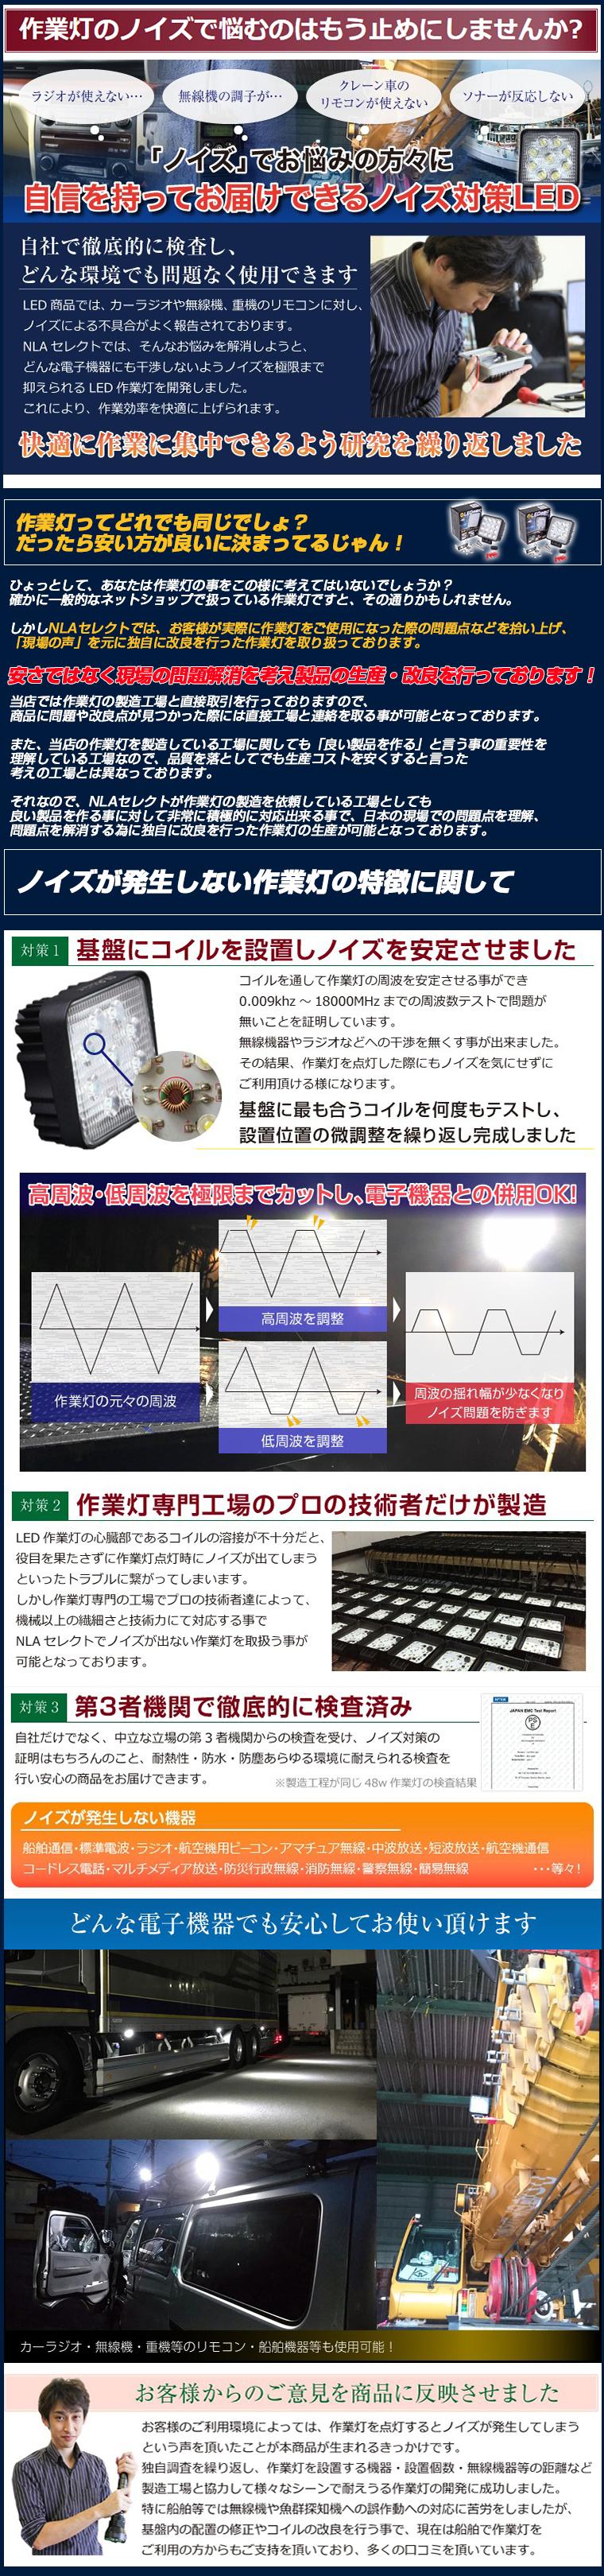 48wノイズの出ない作業灯商品説明1